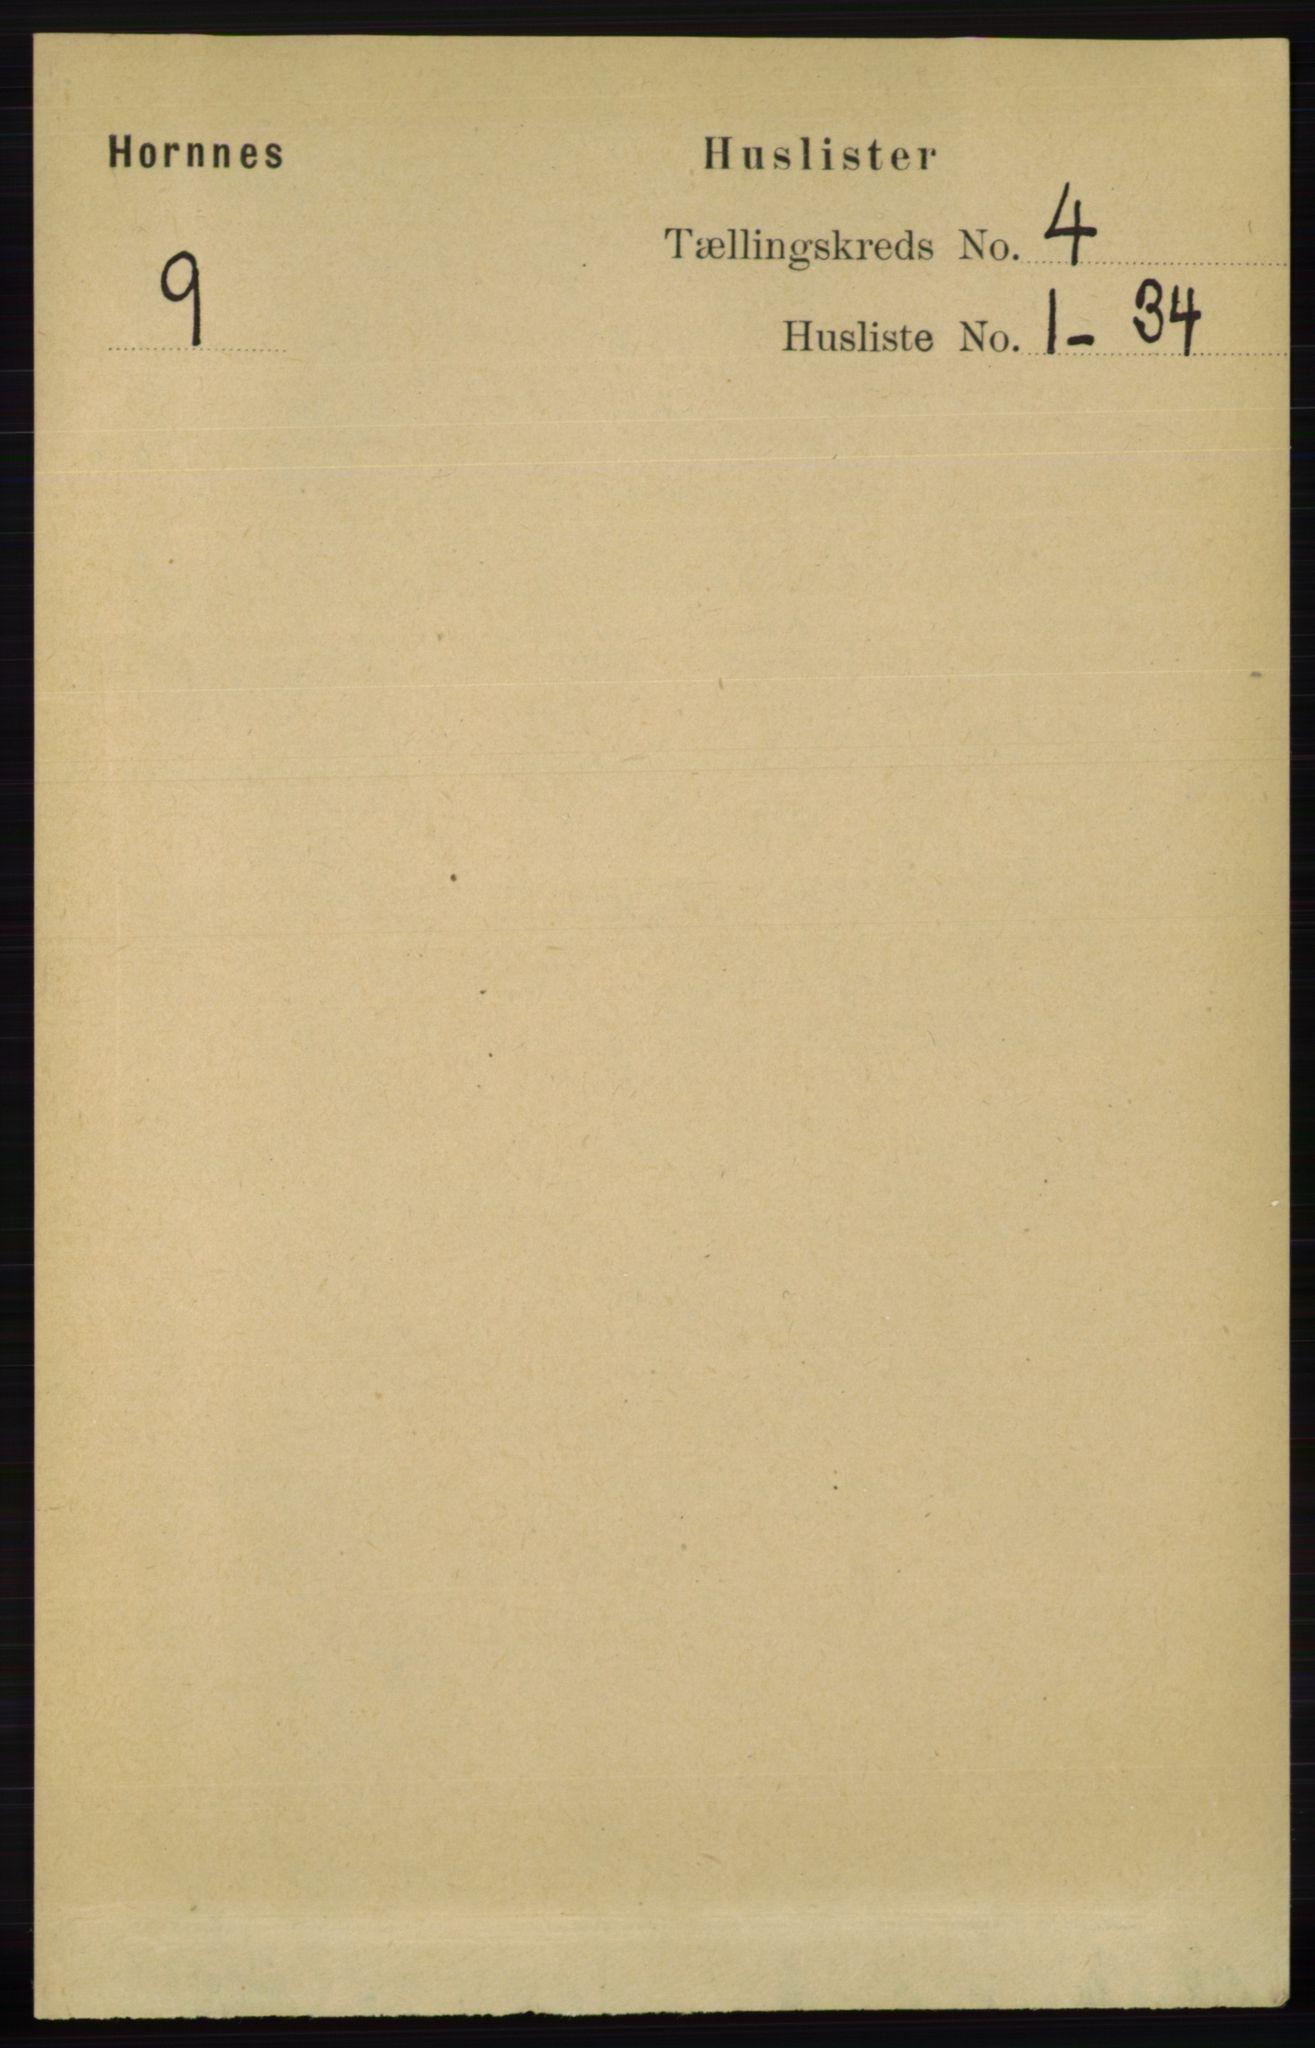 RA, Folketelling 1891 for 0936 Hornnes herred, 1891, s. 1011